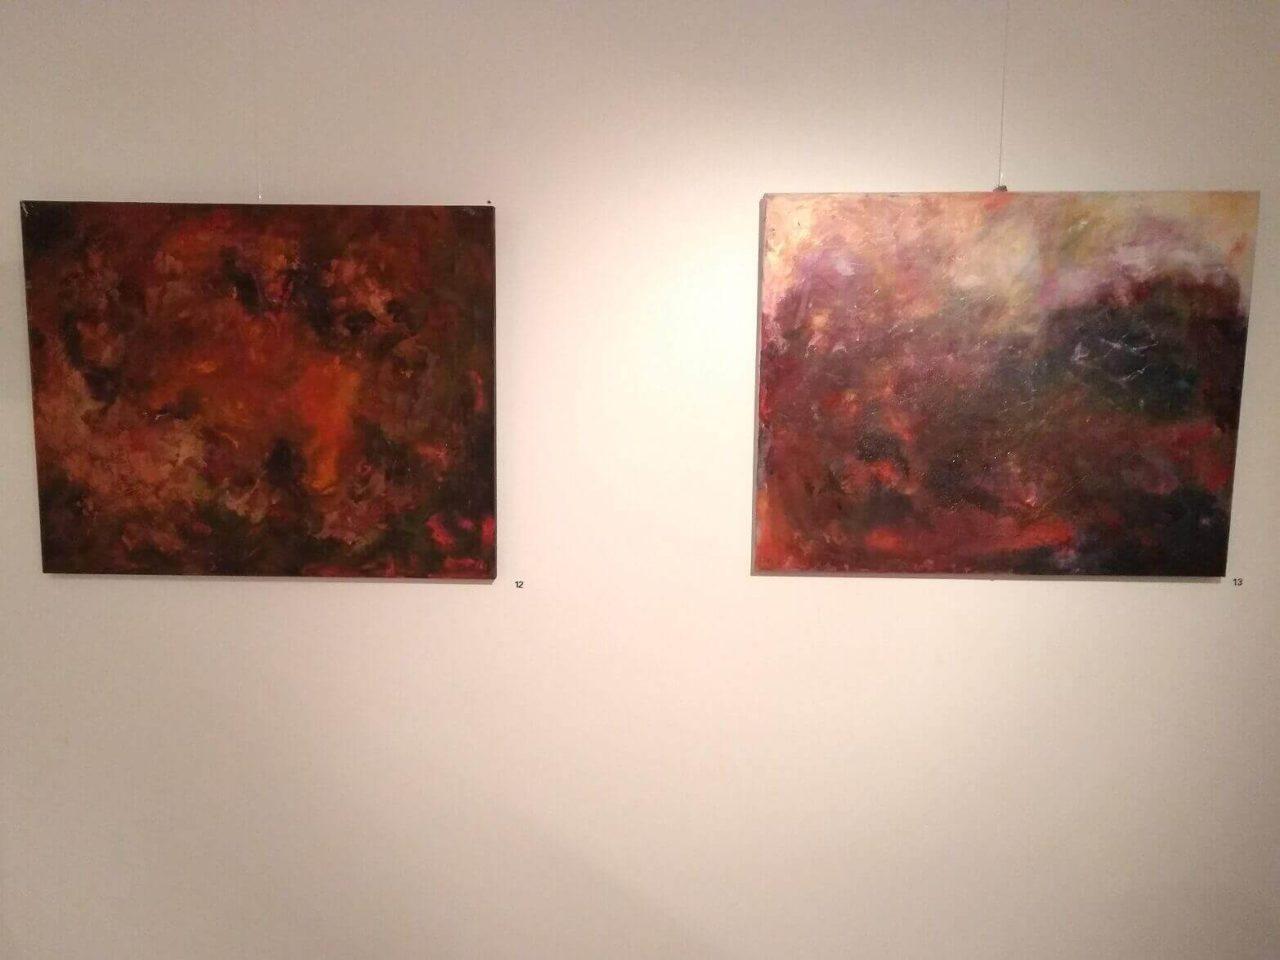 Margit Ahrens' Werke in der Kulturmetzgerei für die Ausstellung Kunstpunkte